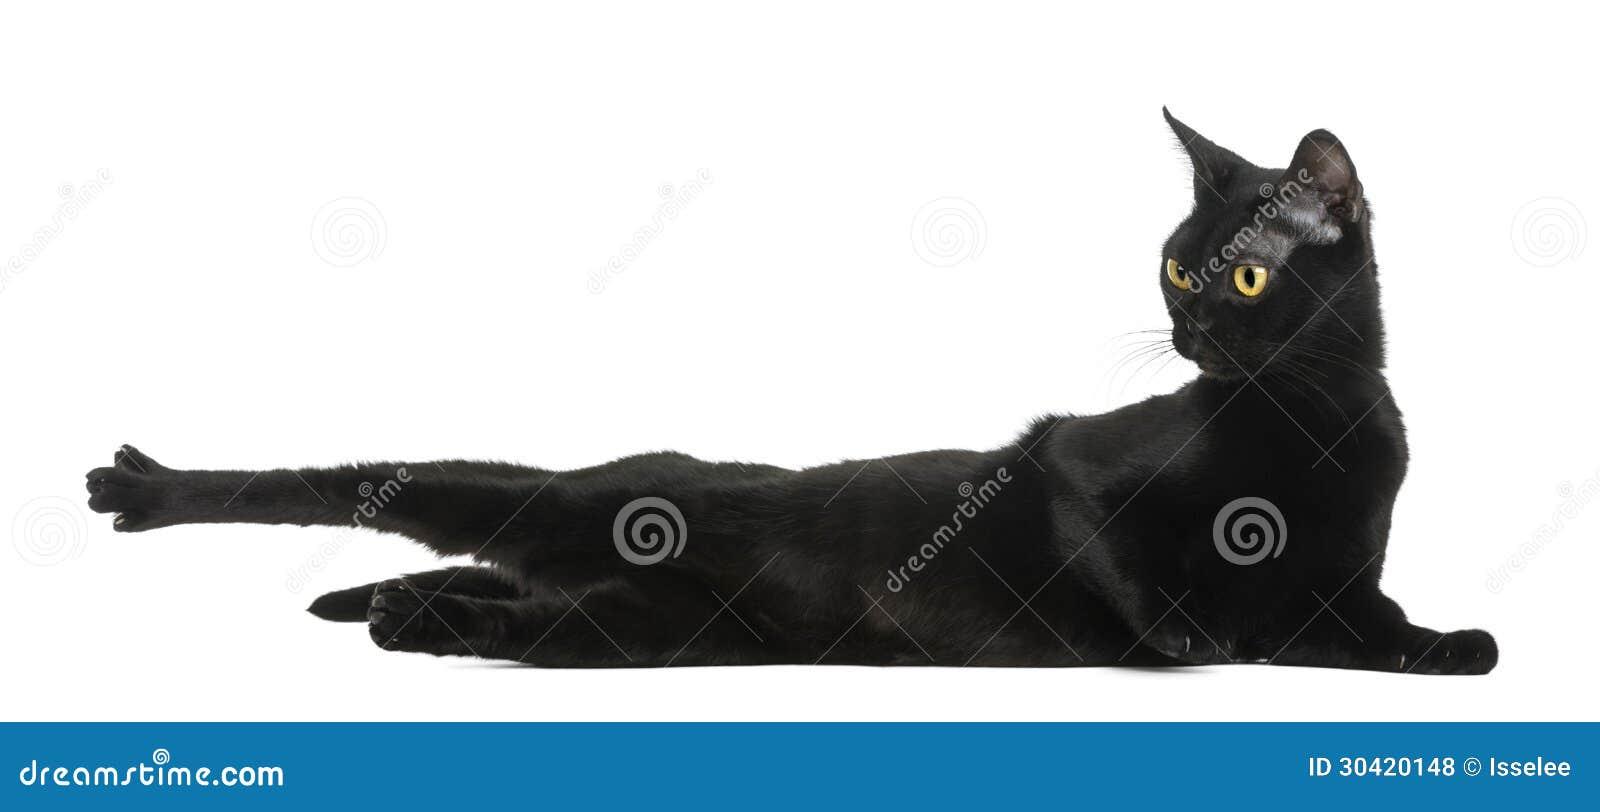 Bombay-Katze, die weg liegt, ausdehnt und schaut